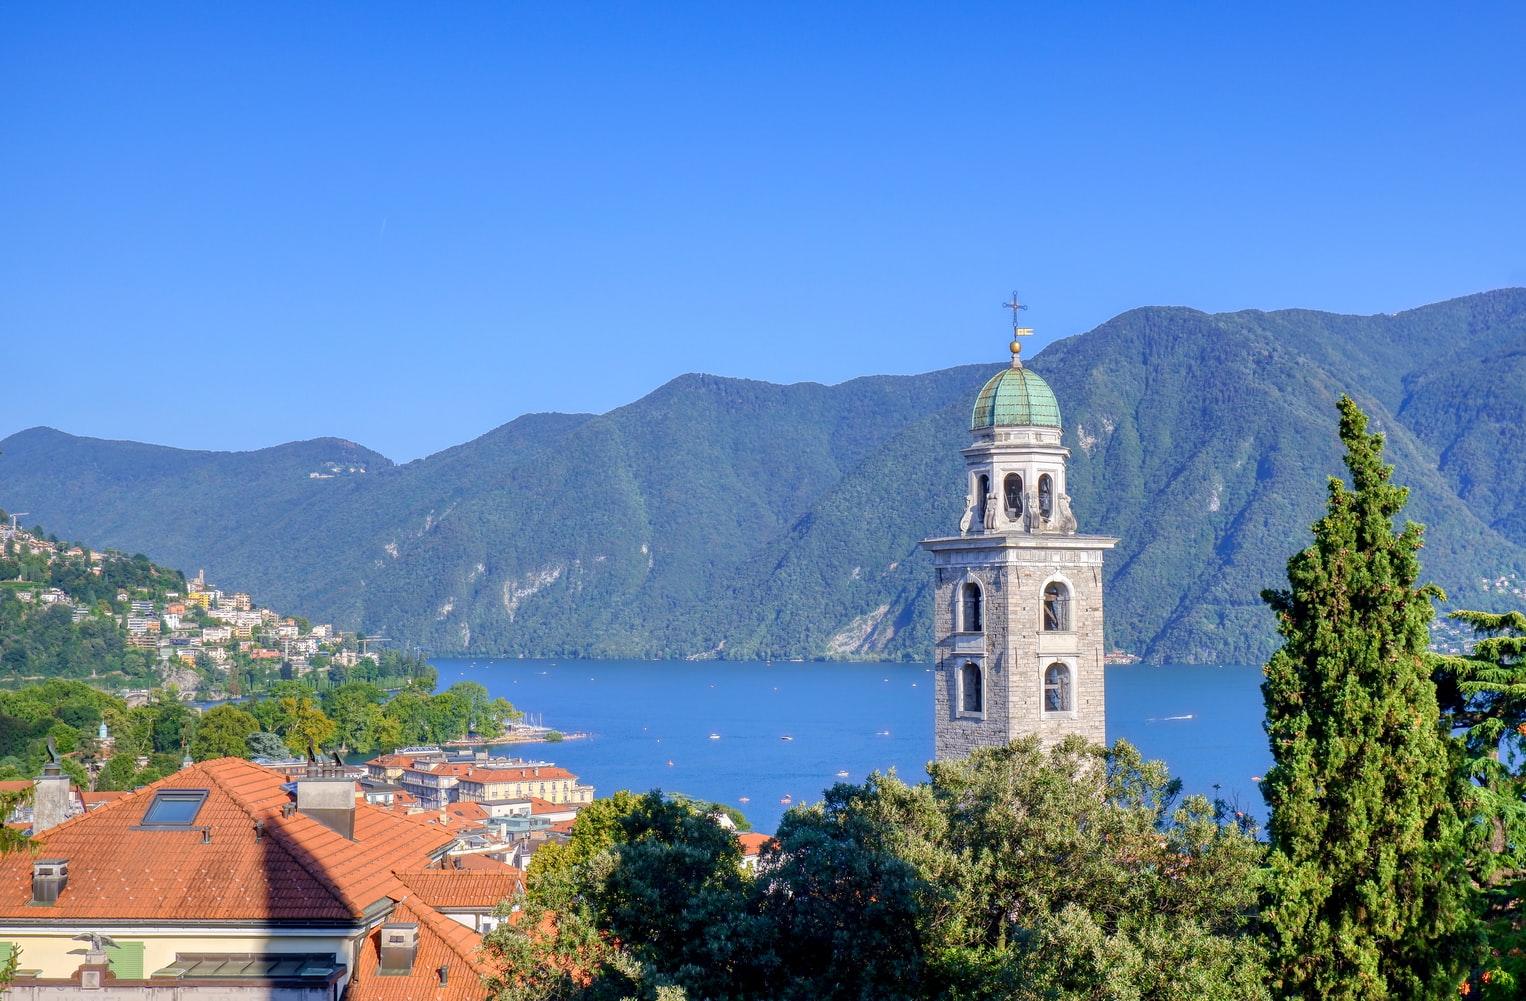 Blick über die Dächer von Lugano Schweiz